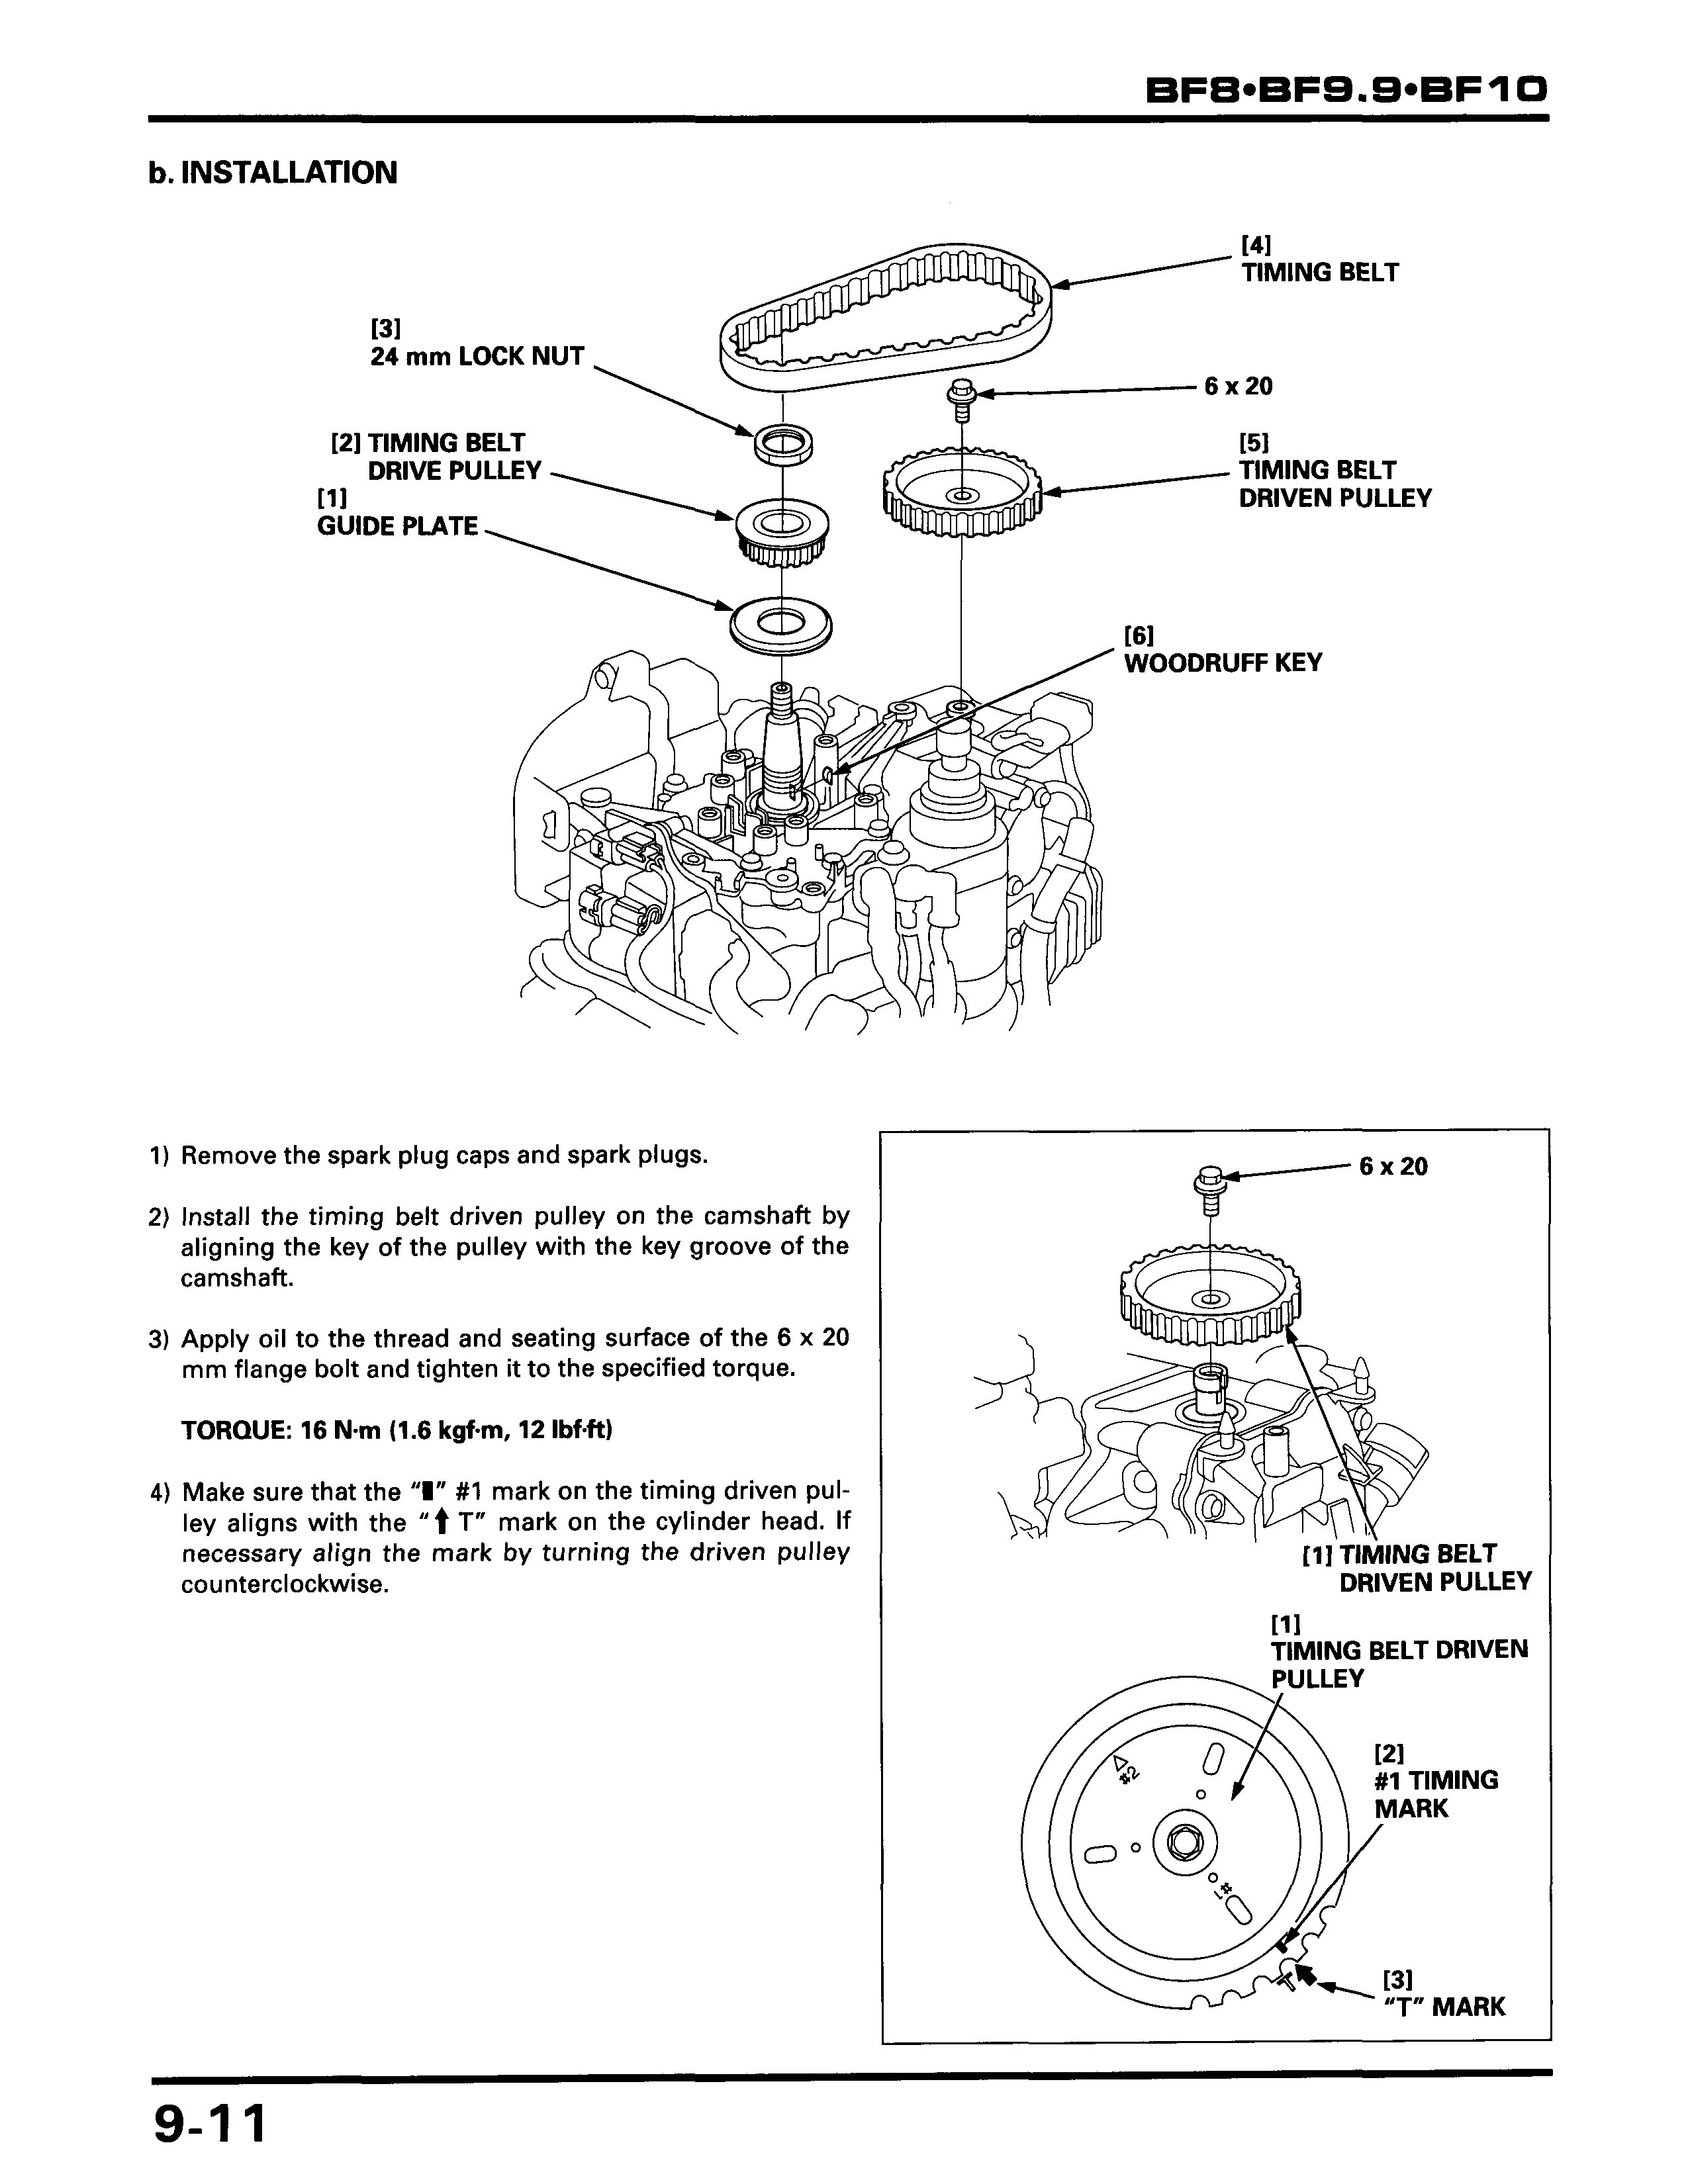 repair manual yamaha 2.5 hp 4 stroke